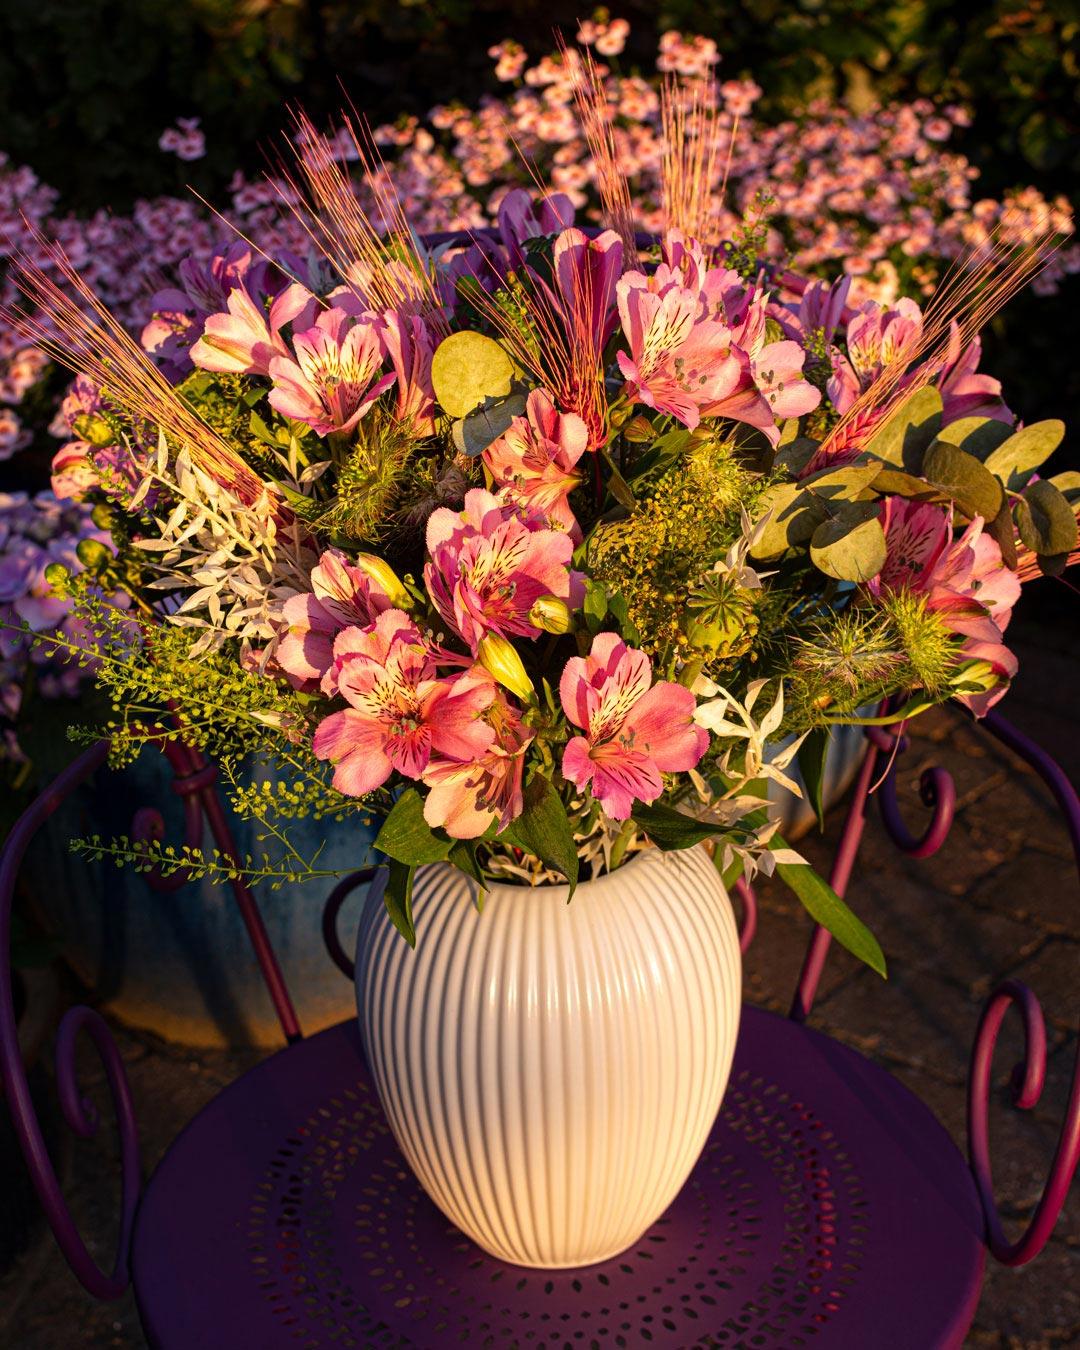 Hvid vase fra Michael Andersen Keramik Model 4767 23 cm med pink liljer på lilla Fermob 1900 stol i have med aftensol